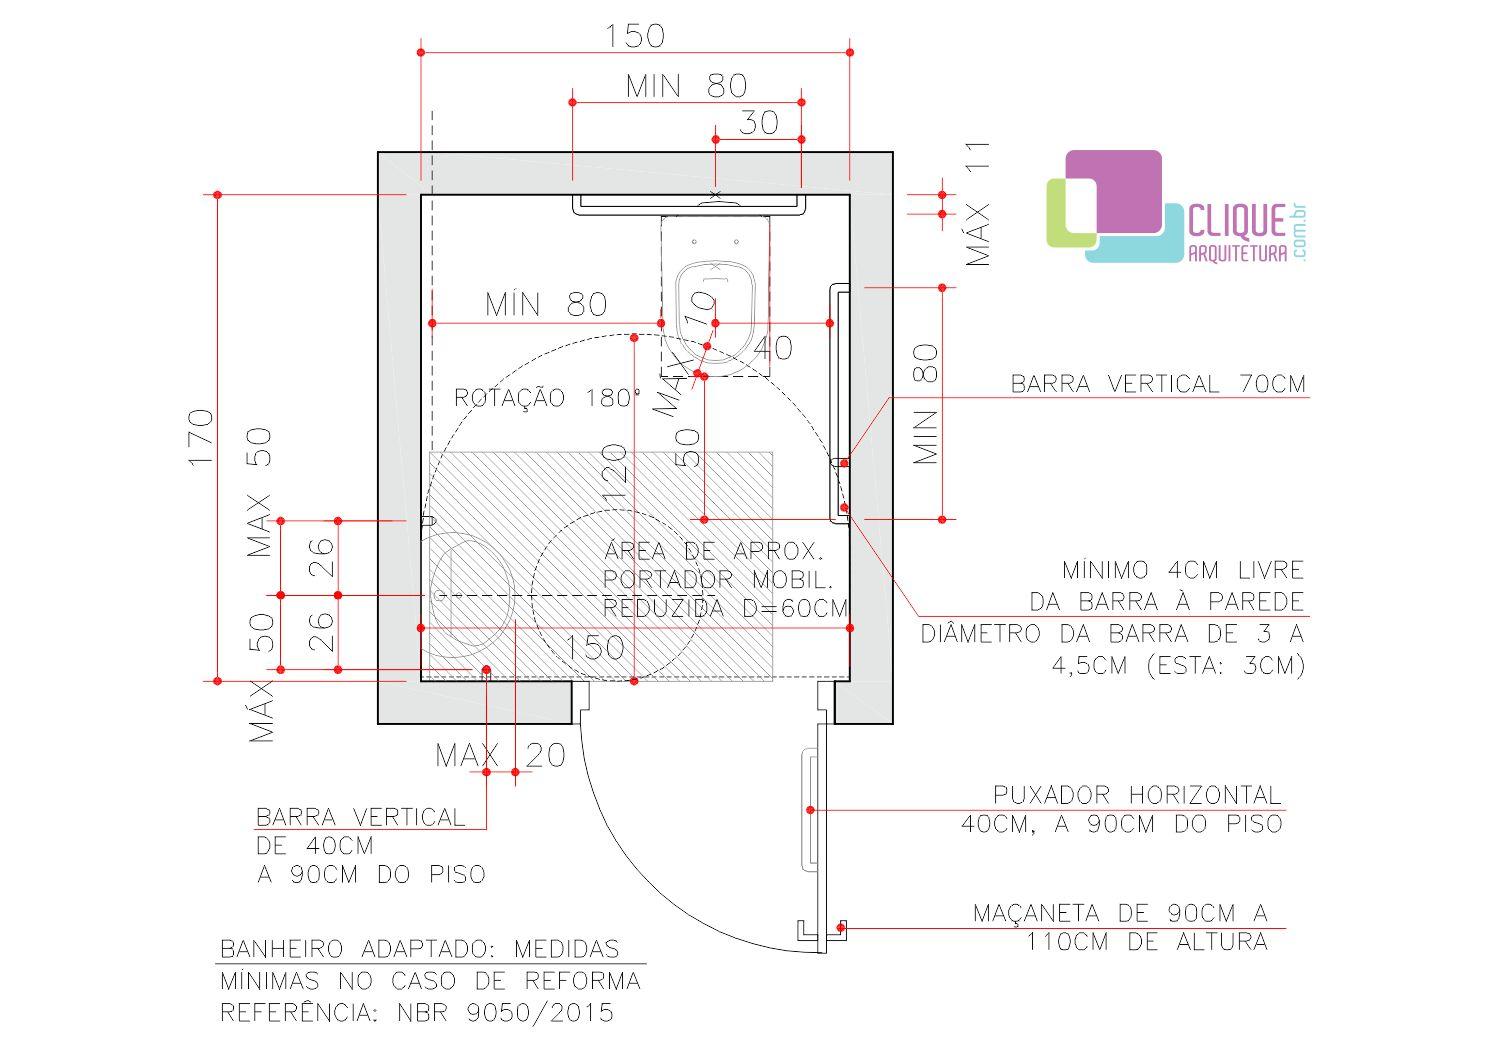 Banheiro acessível com medidas mínimas no caso de uma reforma  #B71415 1499 1051